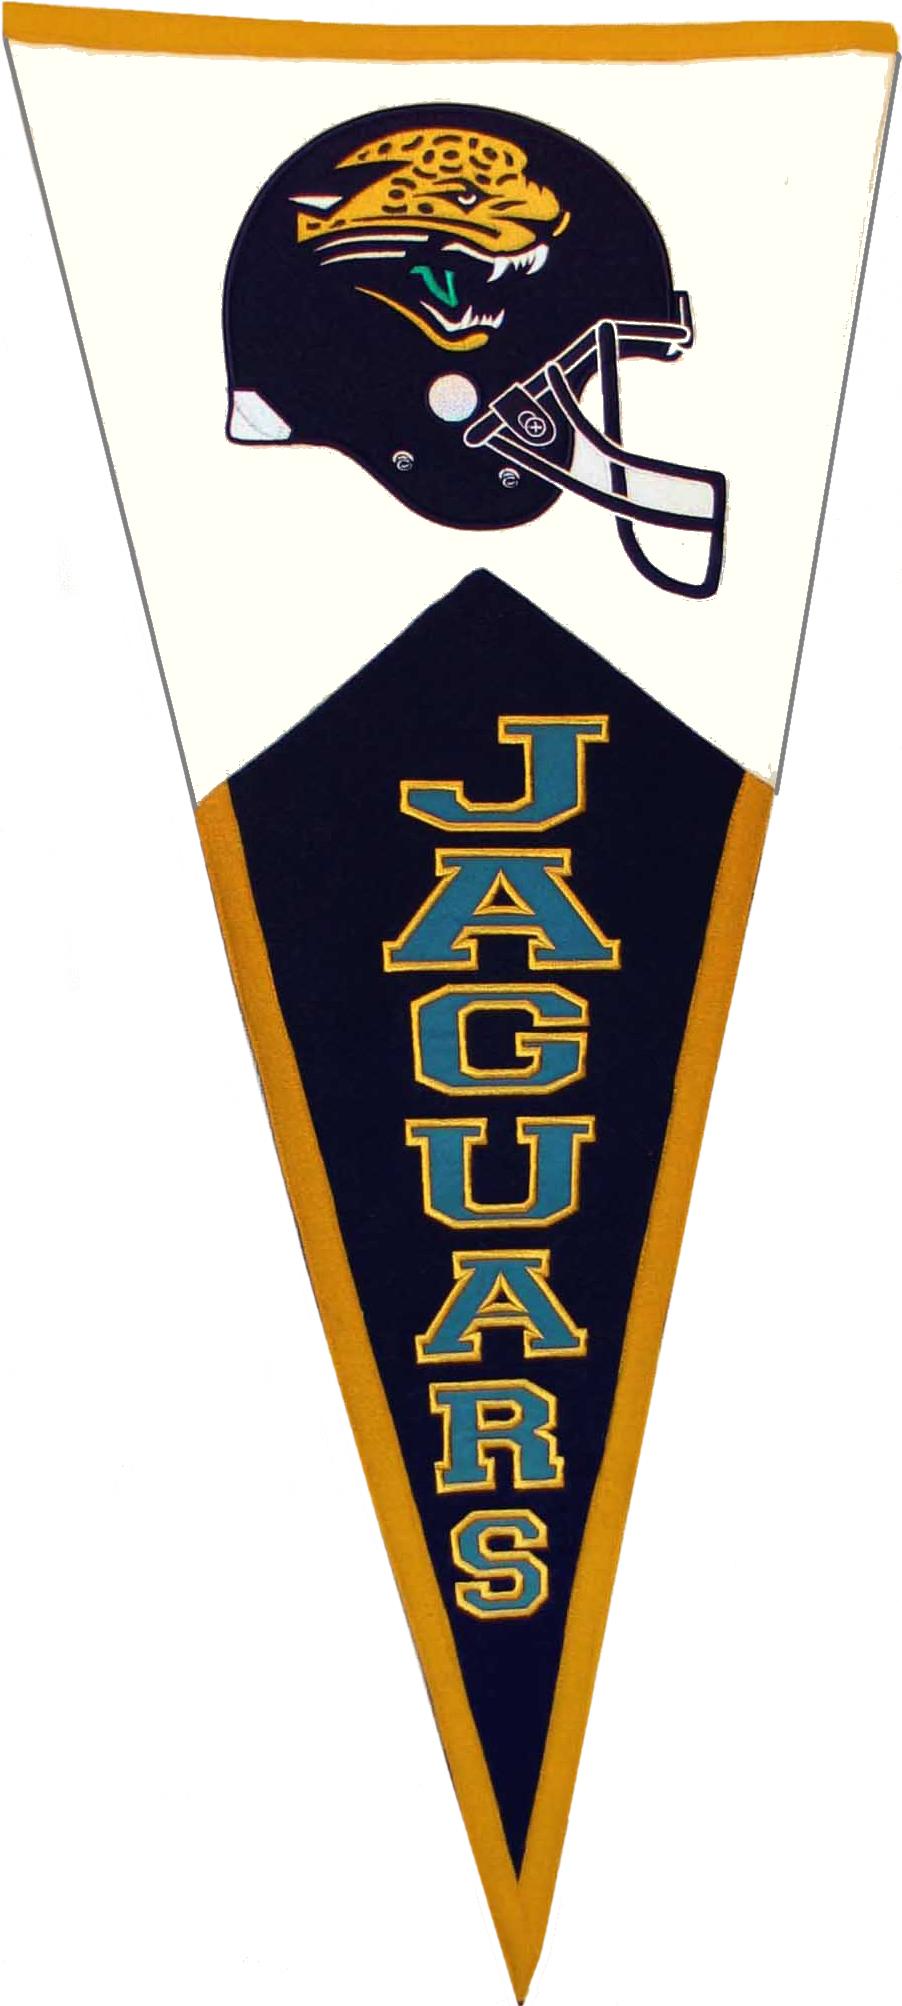 Jacksonville Jaguars NFL Pennant Wool